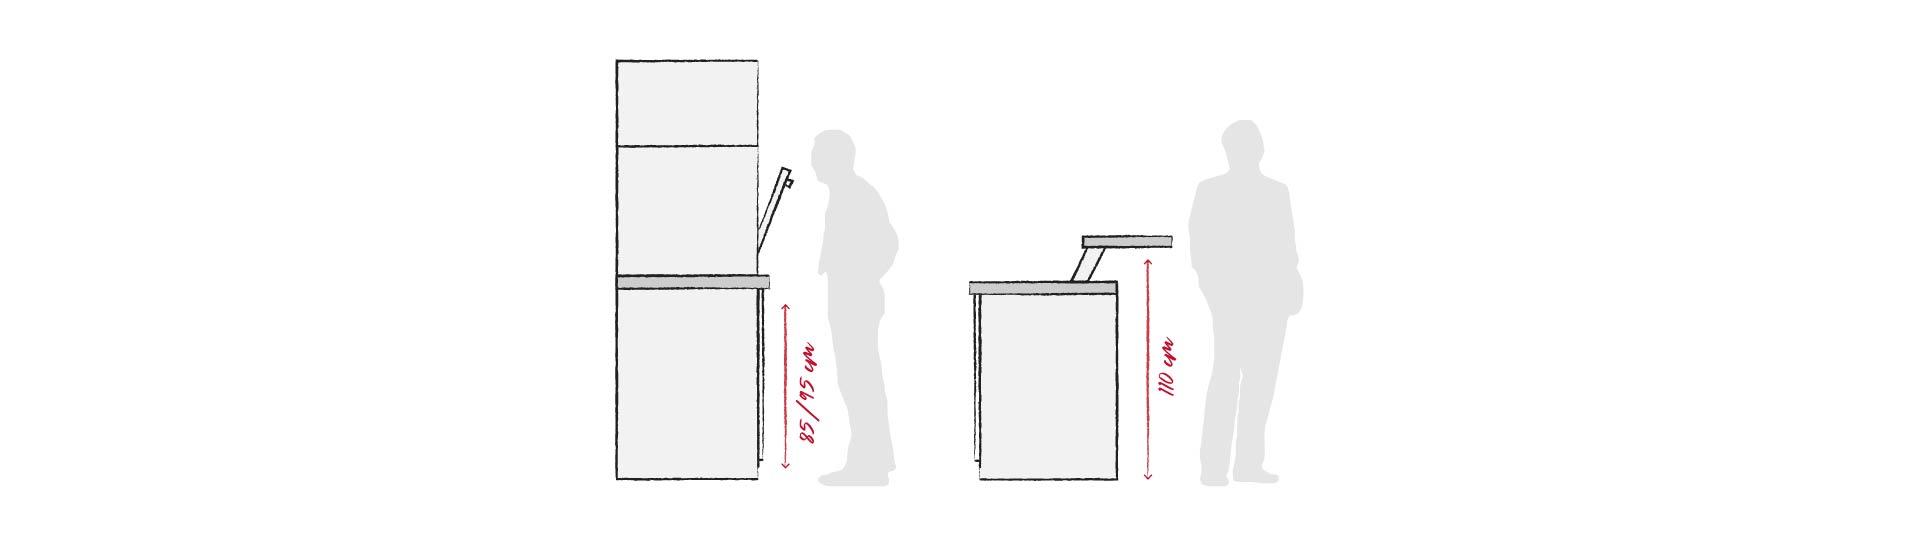 Hauteur Plan De Travail quel meuble choisir pour mon four encastrable ? - nos